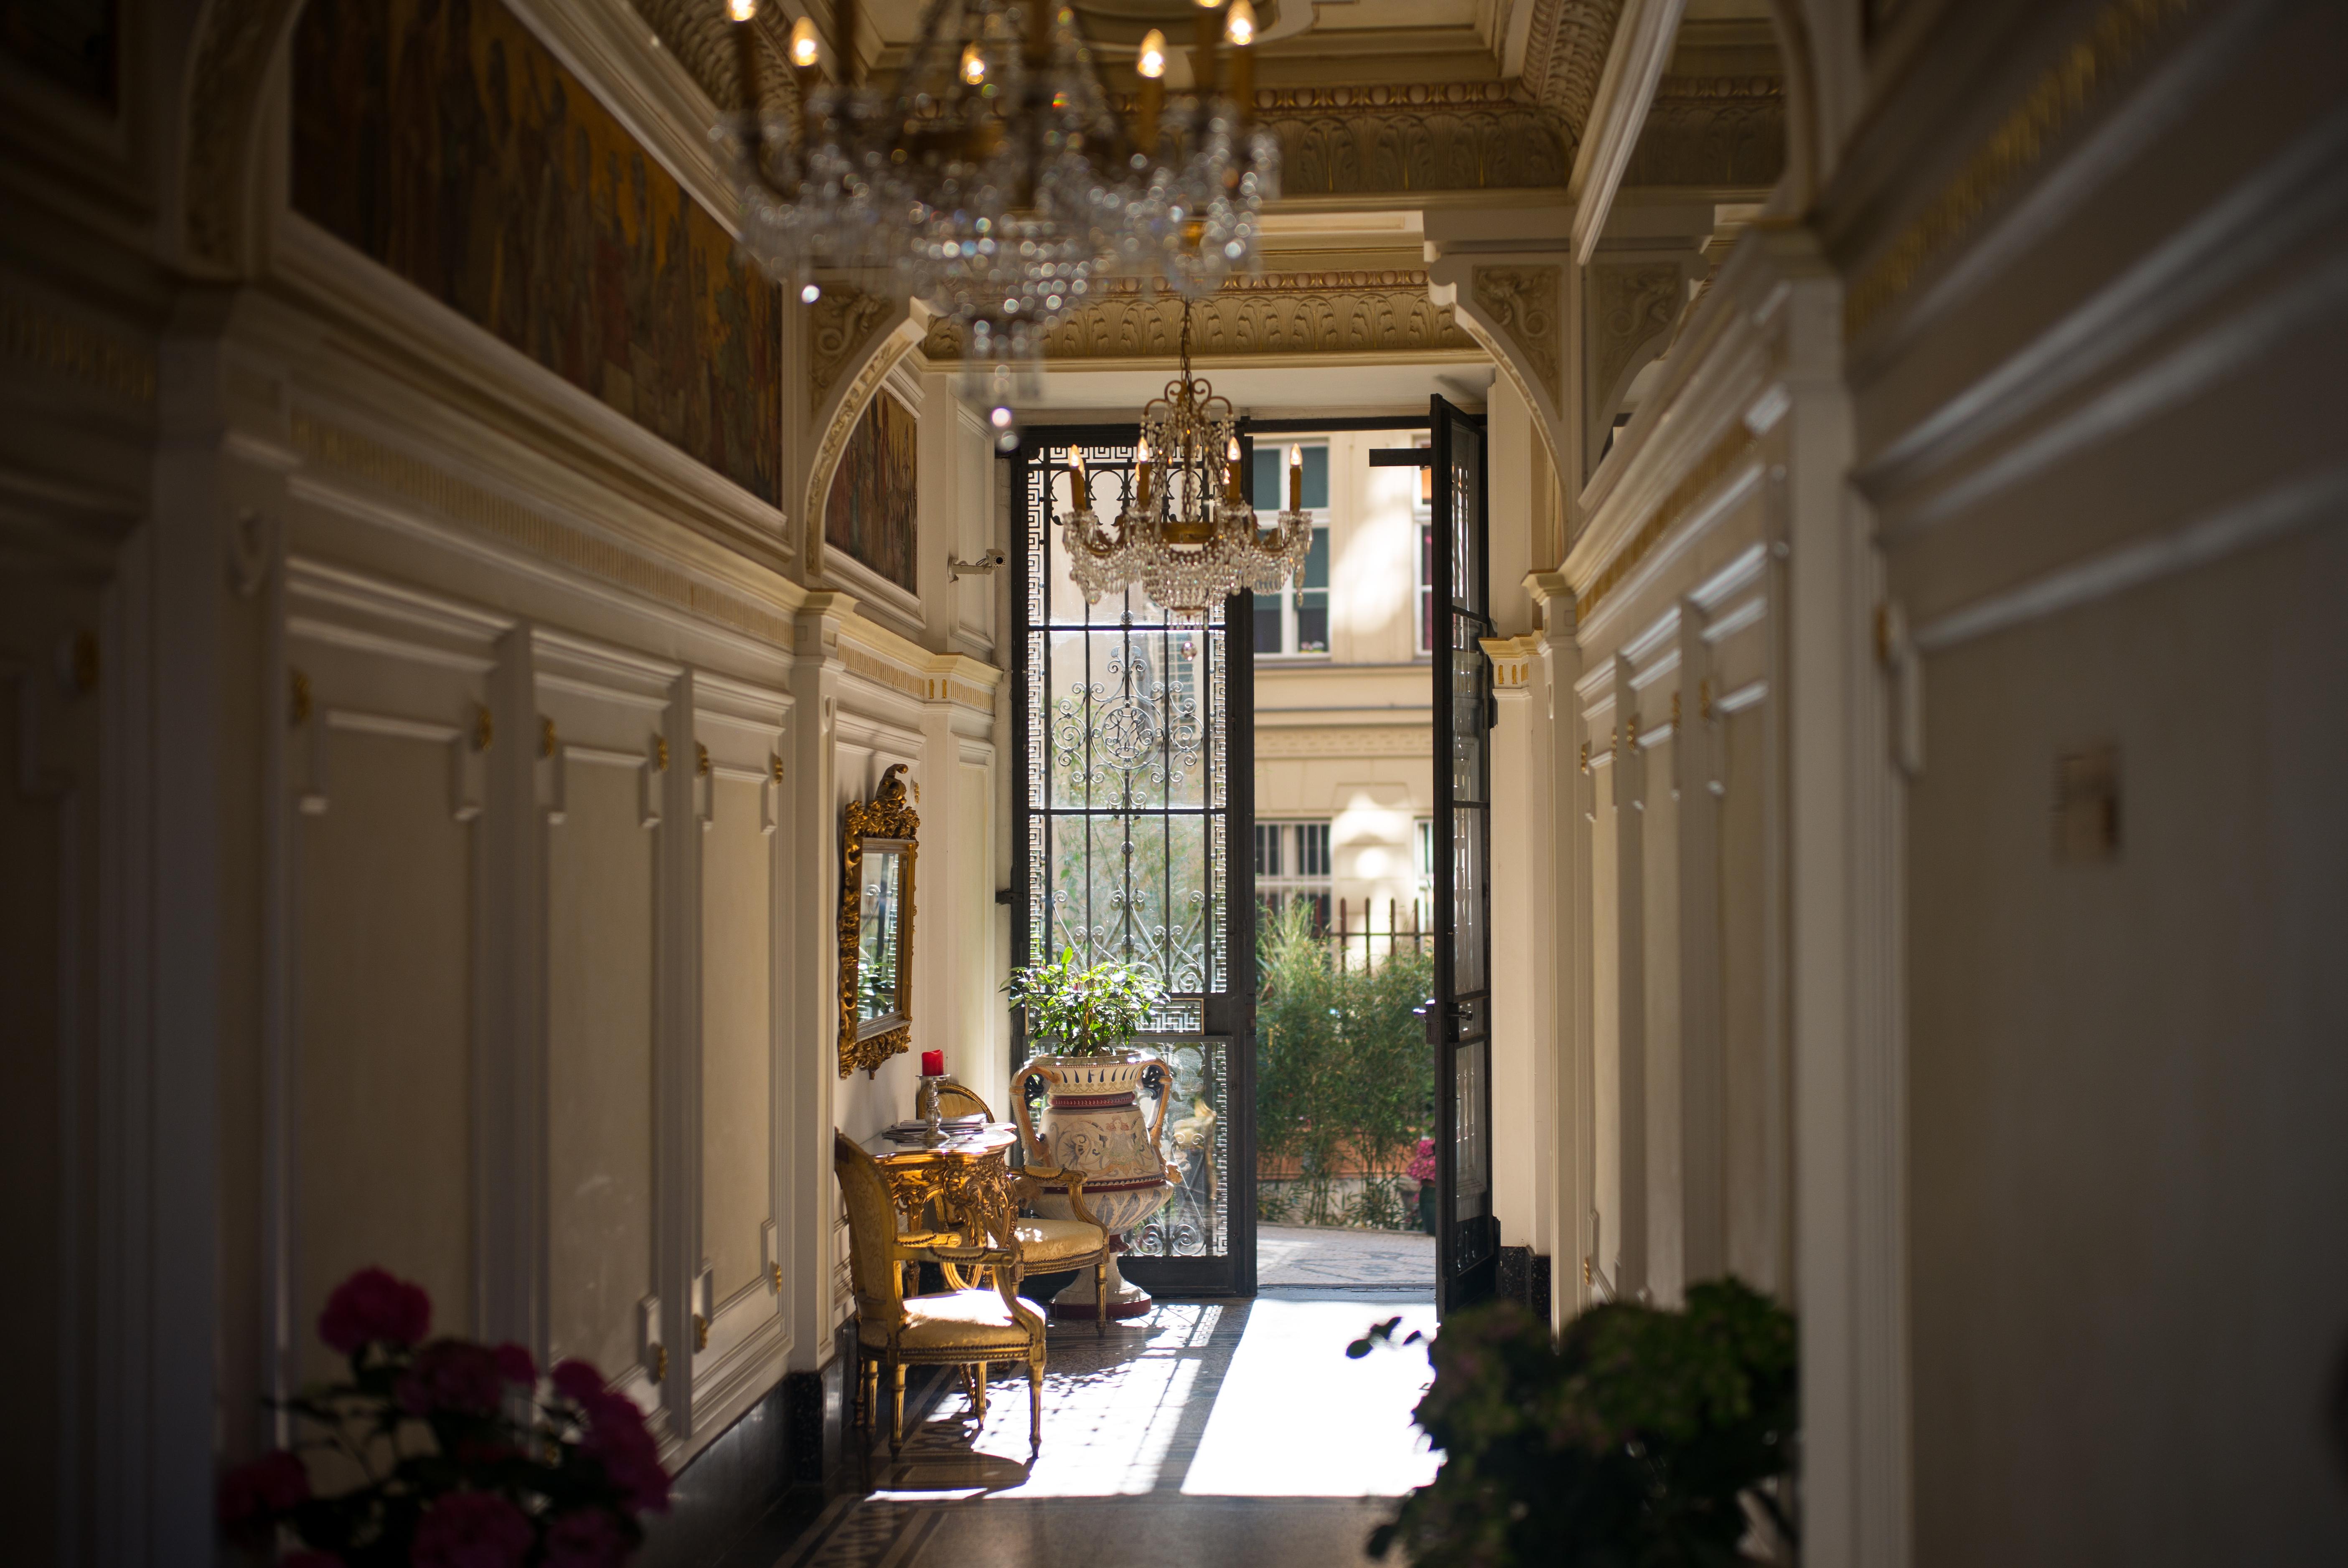 Immagini Belle : Aperto, sole, dimora, casa, mattina, sedia, interno ...